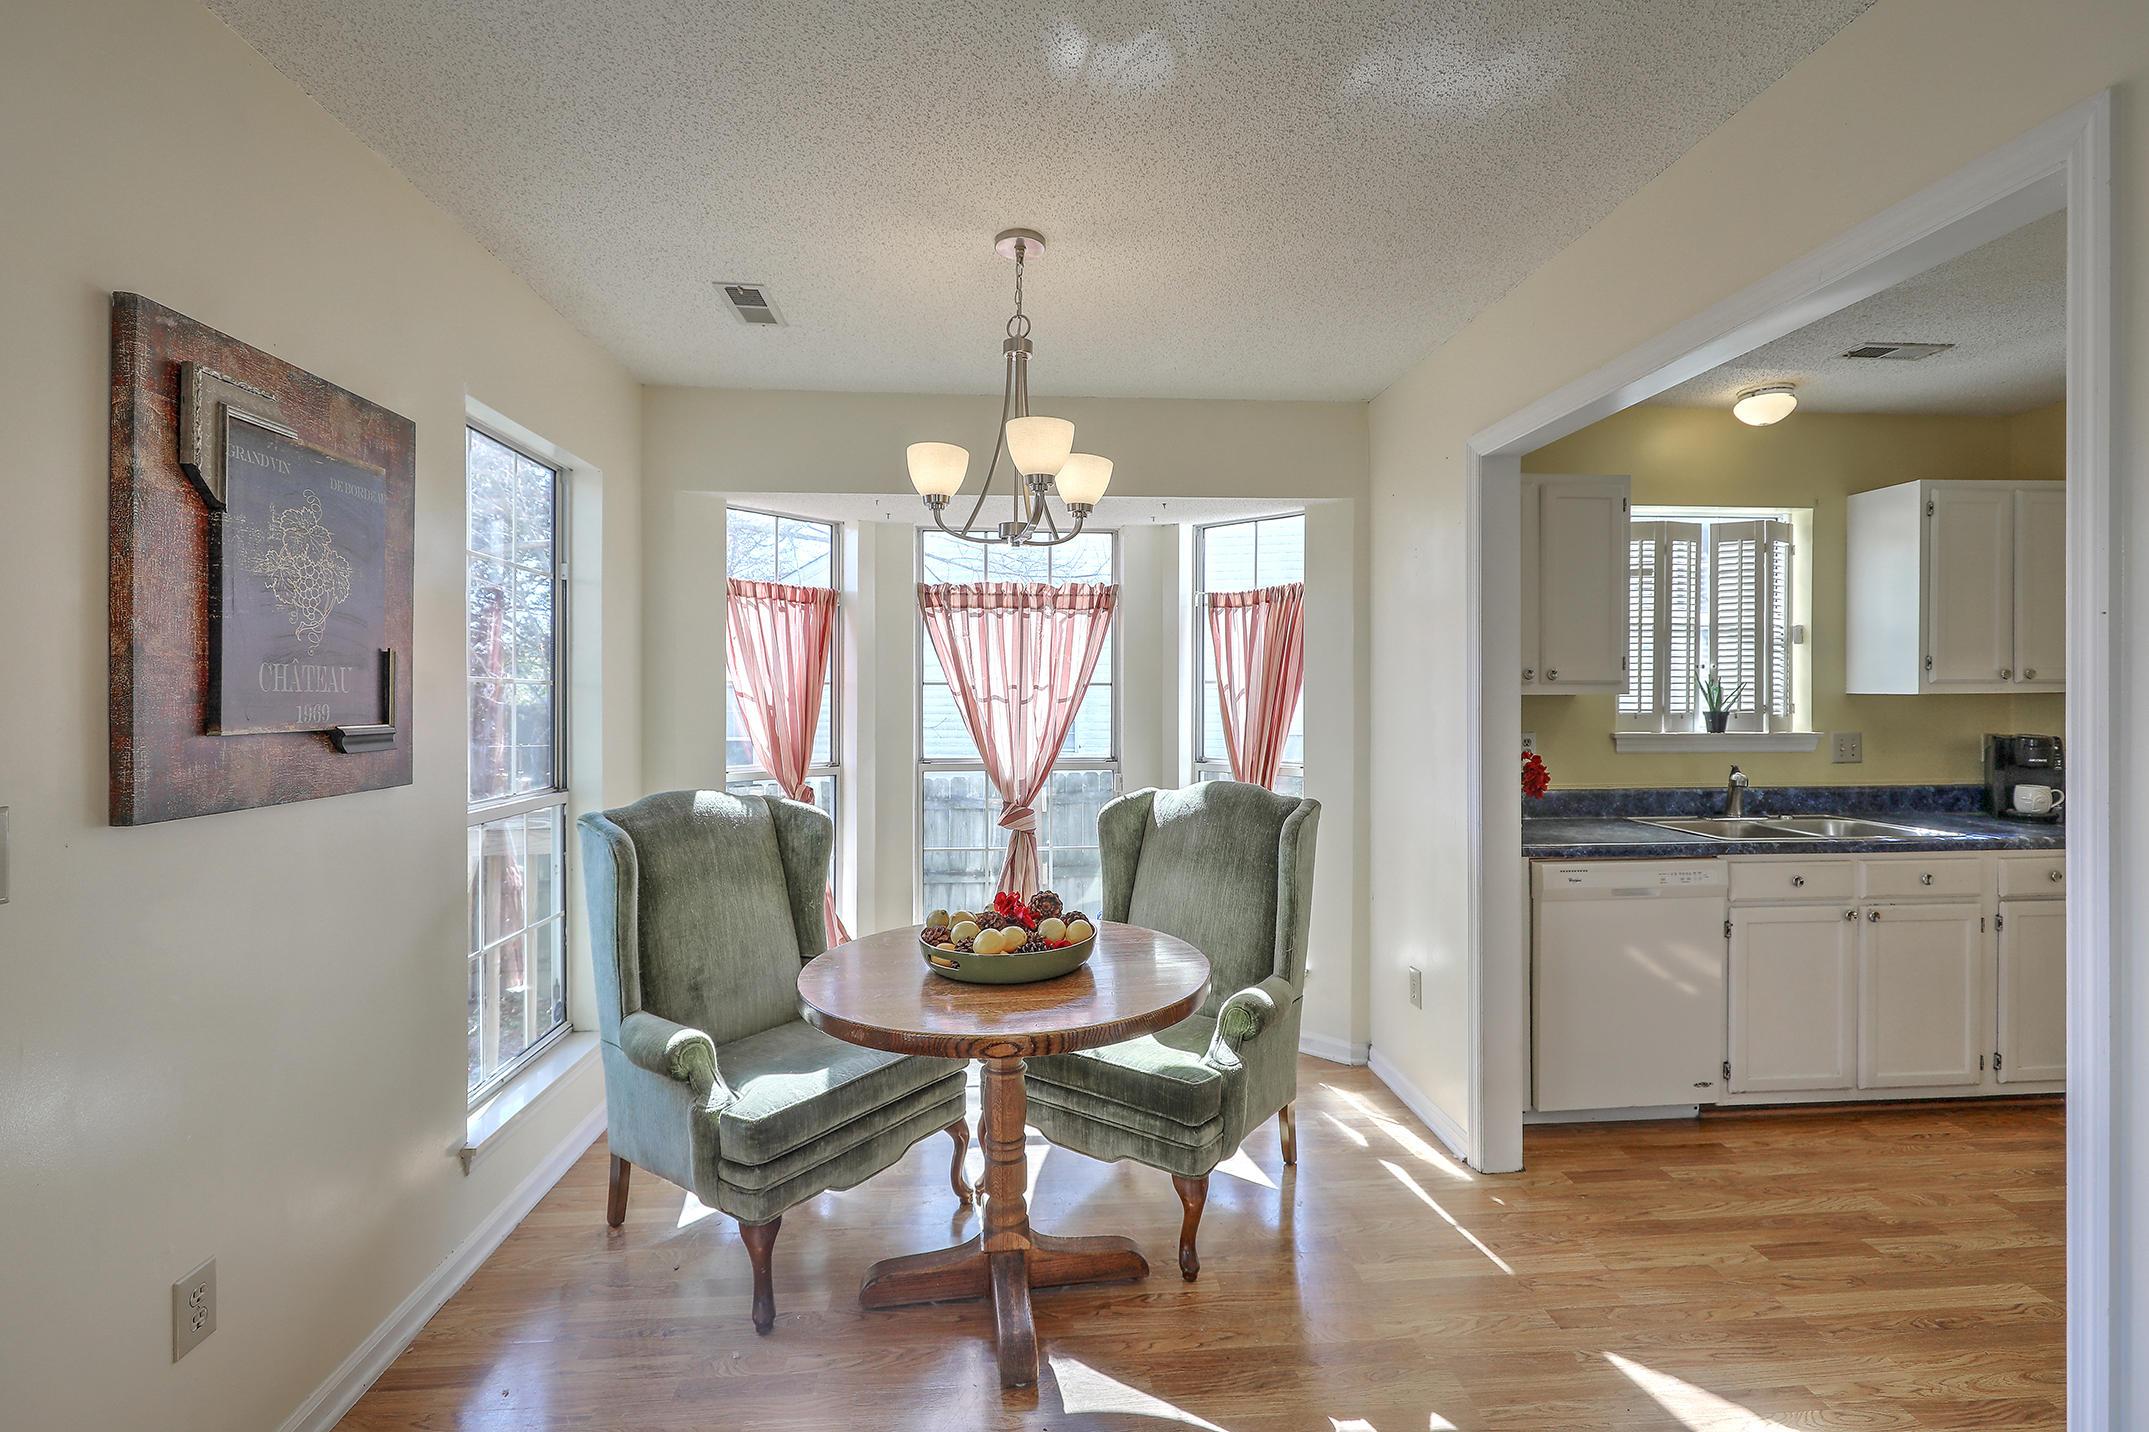 Crichton Parish Homes For Sale - 107 Parish Parc, Summerville, SC - 7